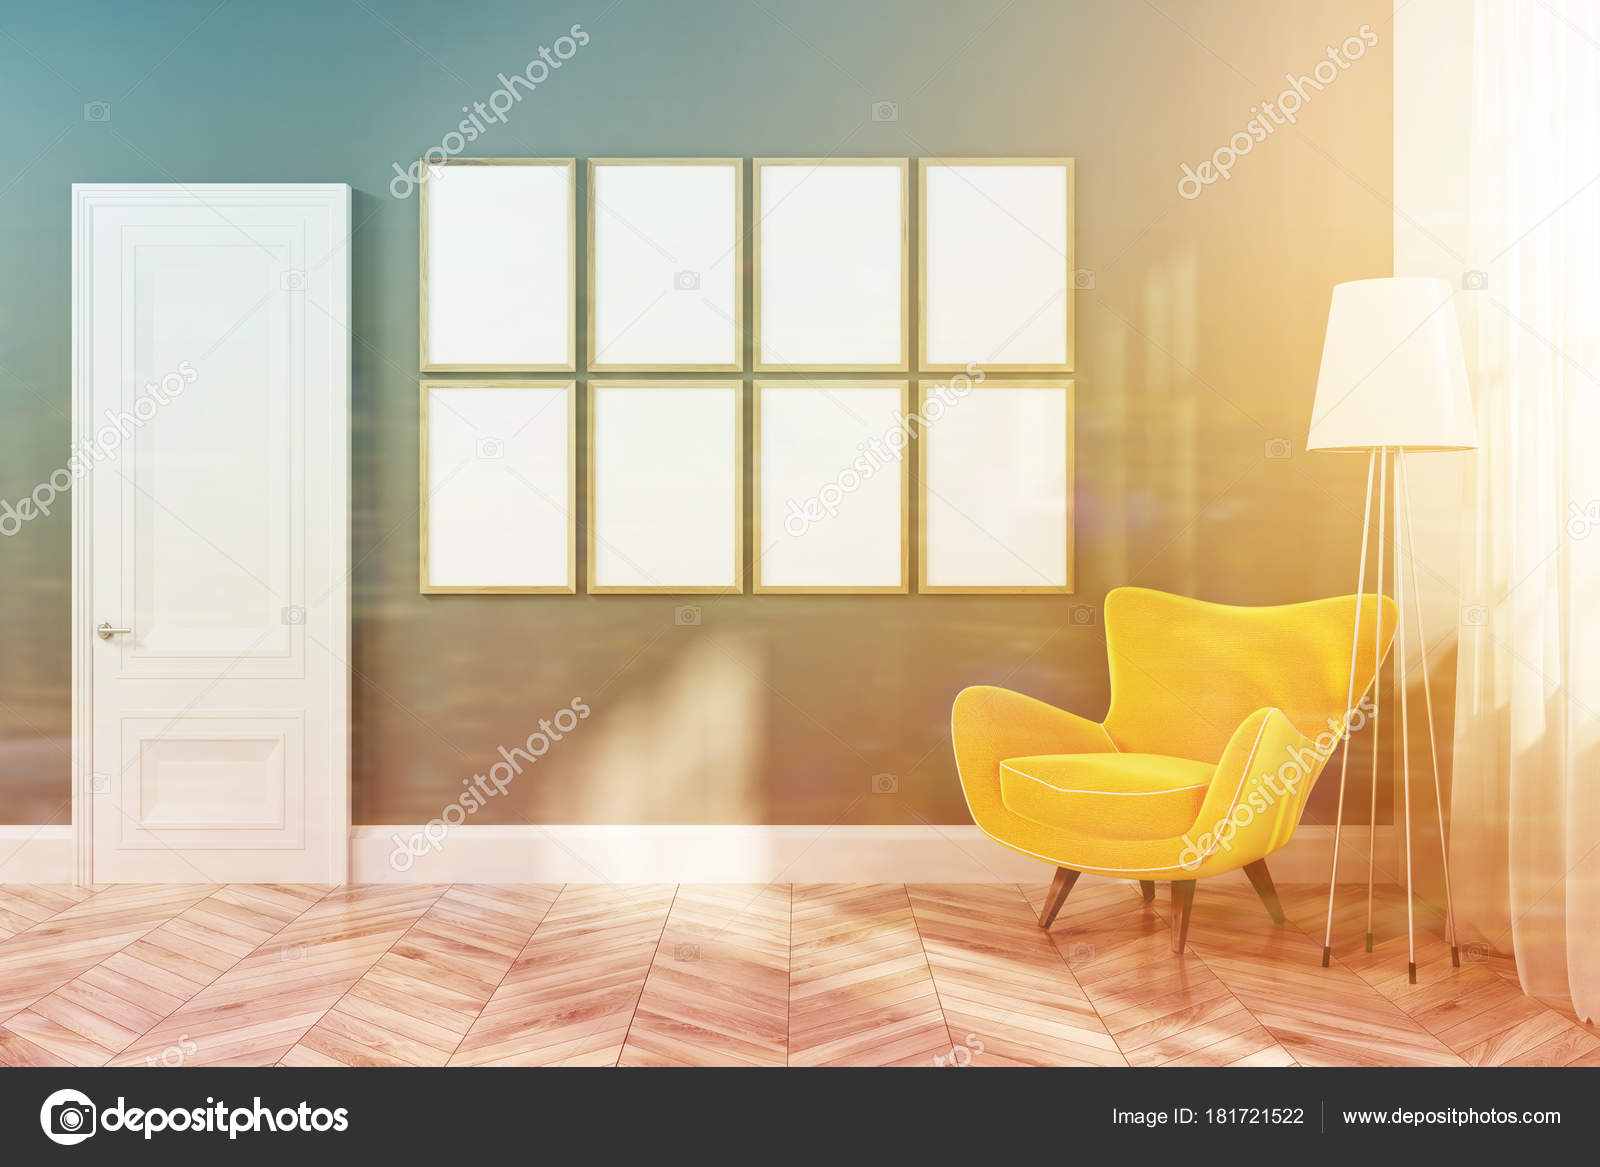 Graue Wohnzimmer Interieur Mit Holzfußboden Und Gerahmten Vertikale Poster  An Der Wand Hängen über Einem Gelben Sessel. 3D Rendering Mock Up Getönten  Bild ...